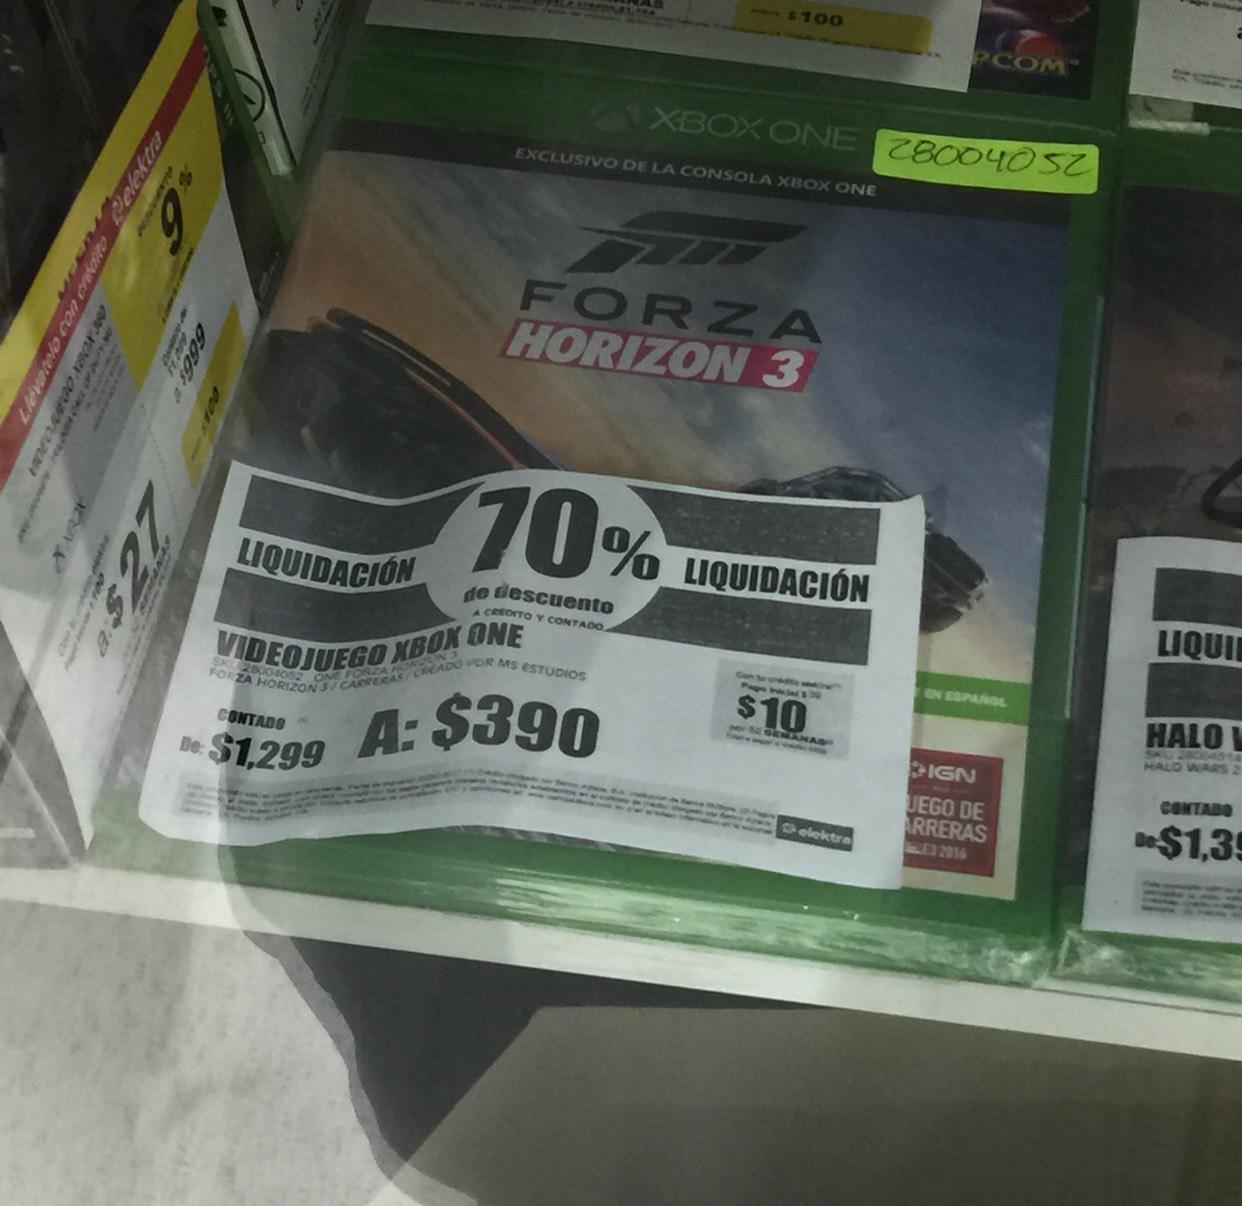 Elektra: juego Forza Horizon 3 para Xbox One en tienda física